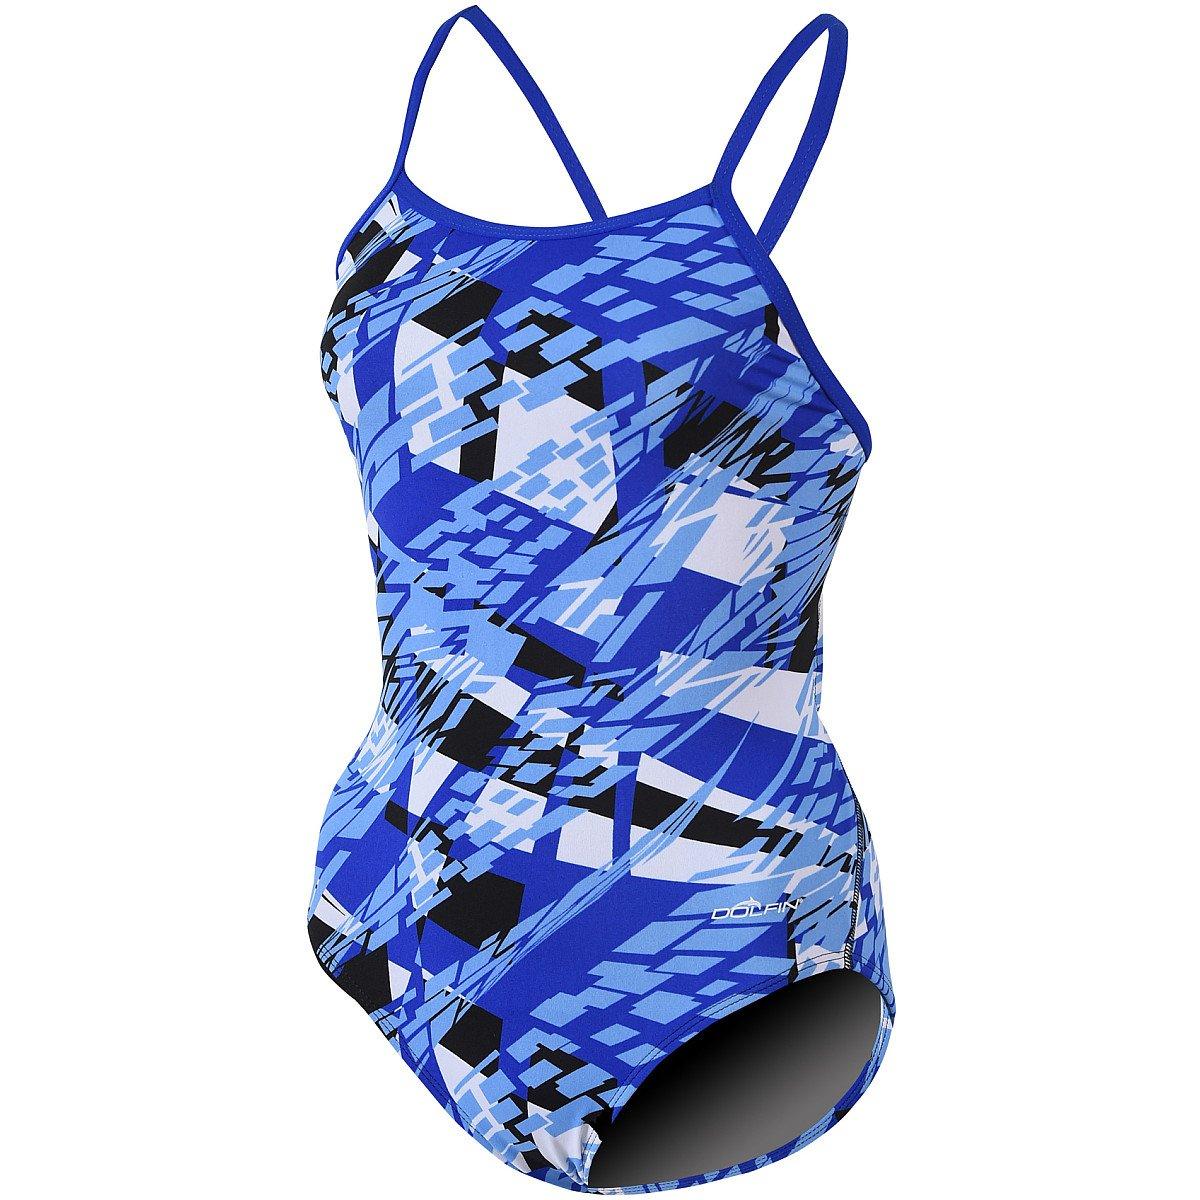 Dolfin Mädchen Zephyr Badehose Badeanzug – blau B01IQVRSUE Taschen Helle Helle Helle Farben 09a056